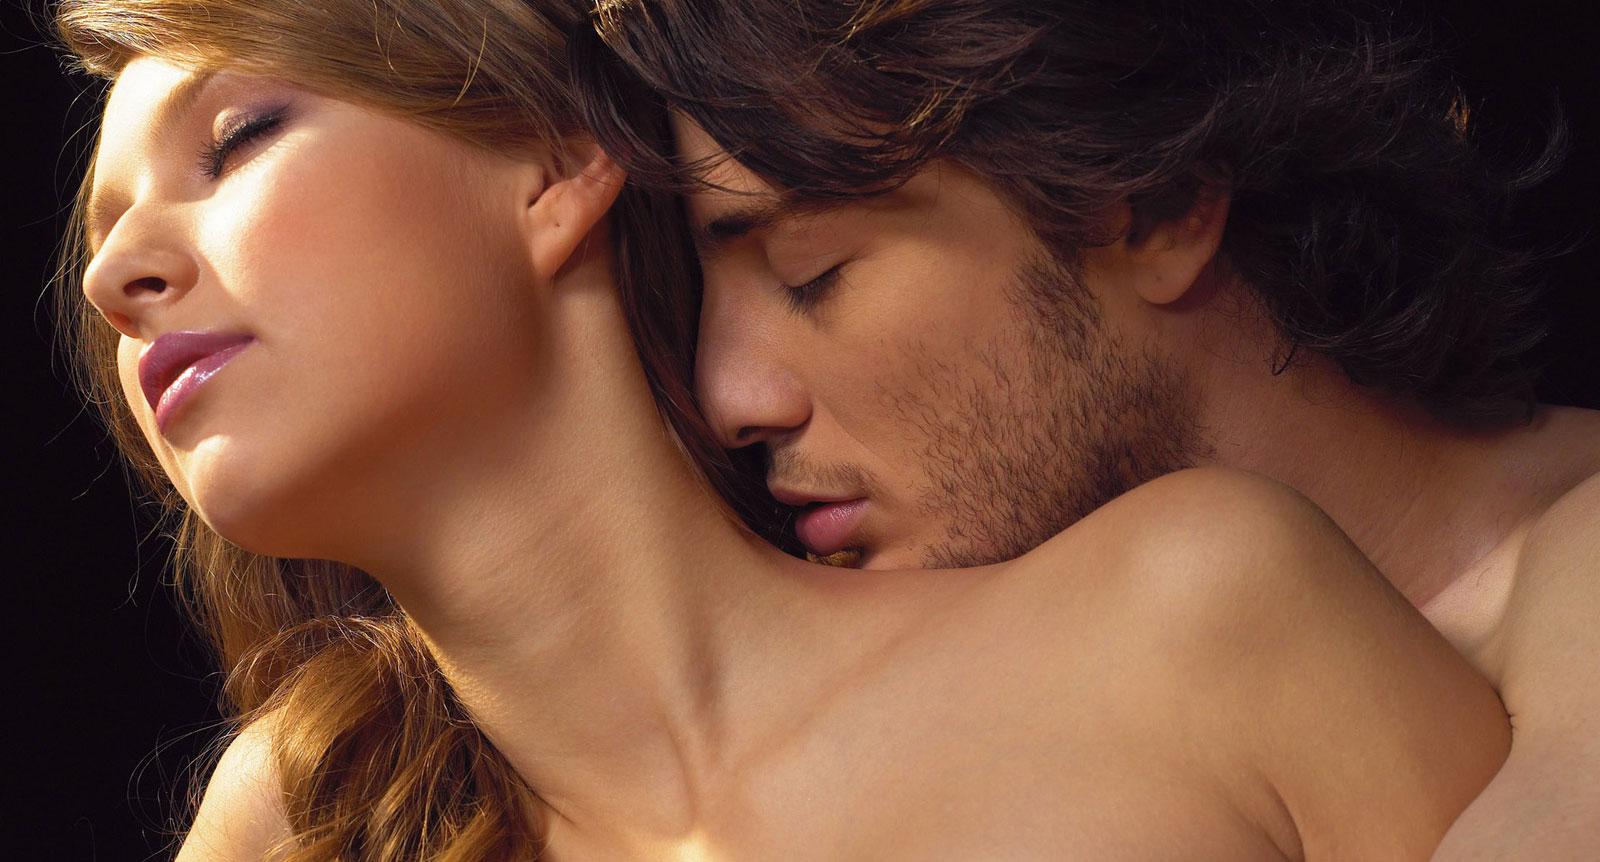 Сексуально возбуждающий ролик, Порно молодых в секс видео клипах смотреть онлайн 5 фотография